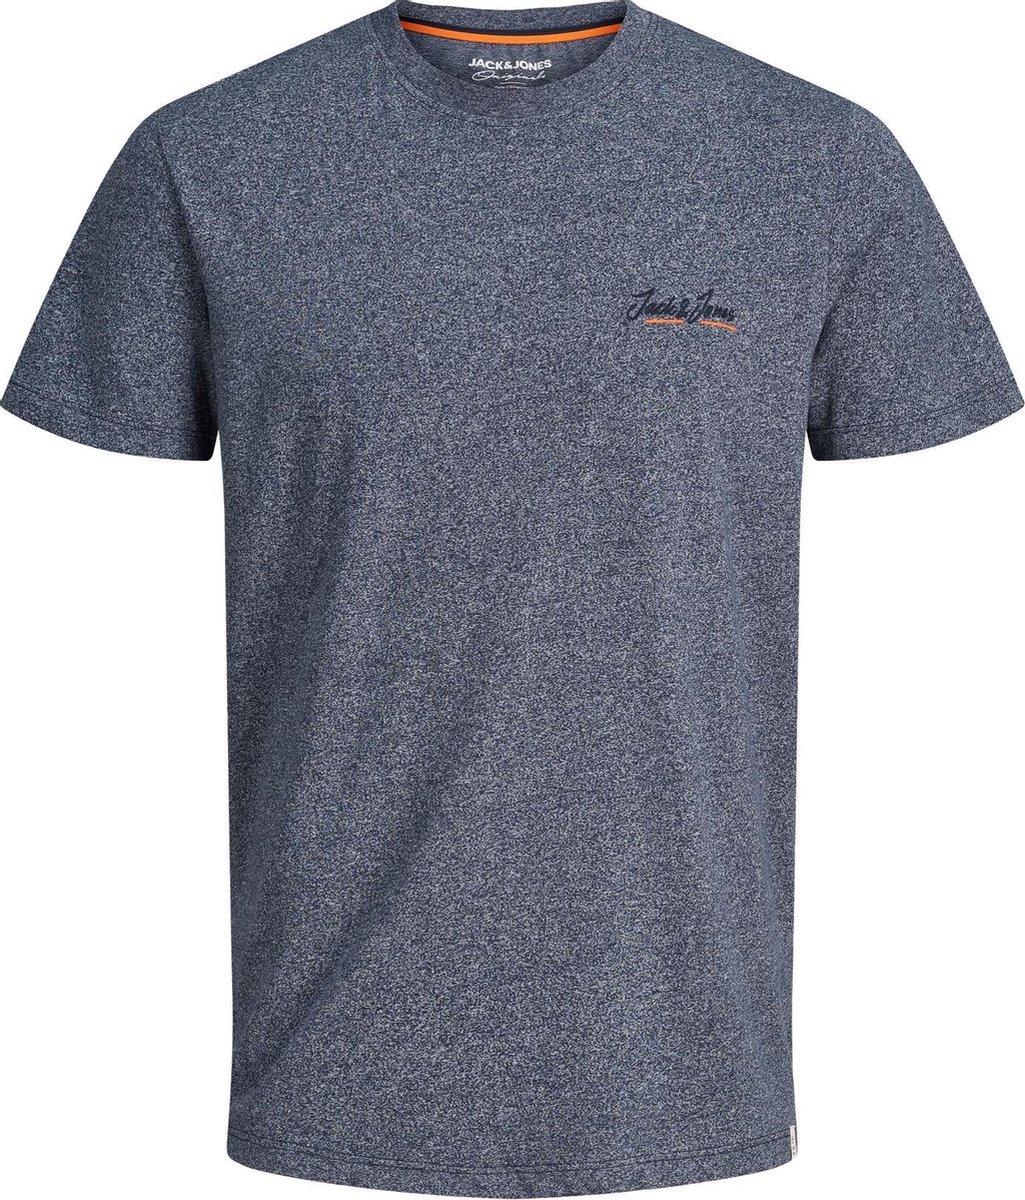 Jack & Jones Jack & Jones Originals Tons T-shirt - Mannen - navy